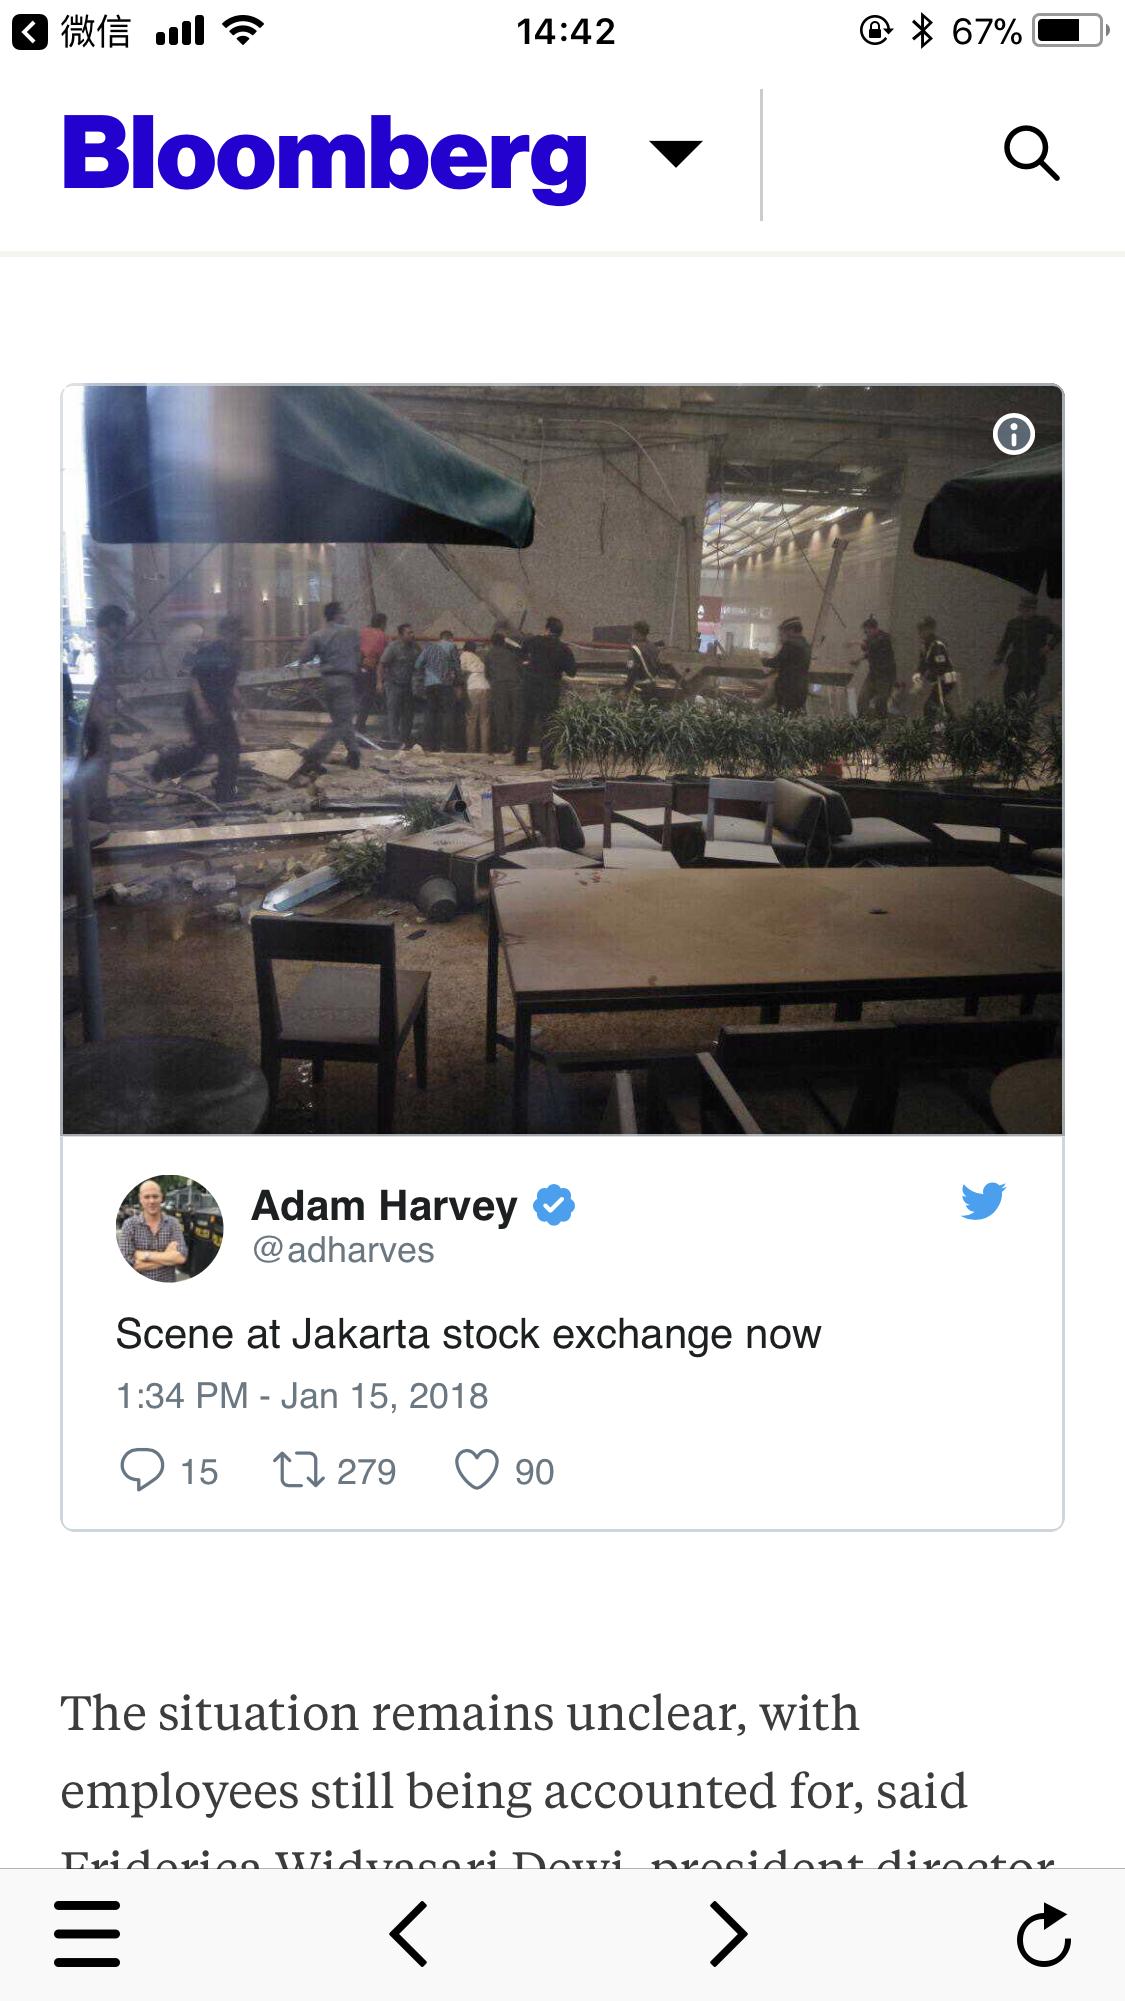 印尼证券交易所大楼内部天花板坠落,造成人员受伤(图)